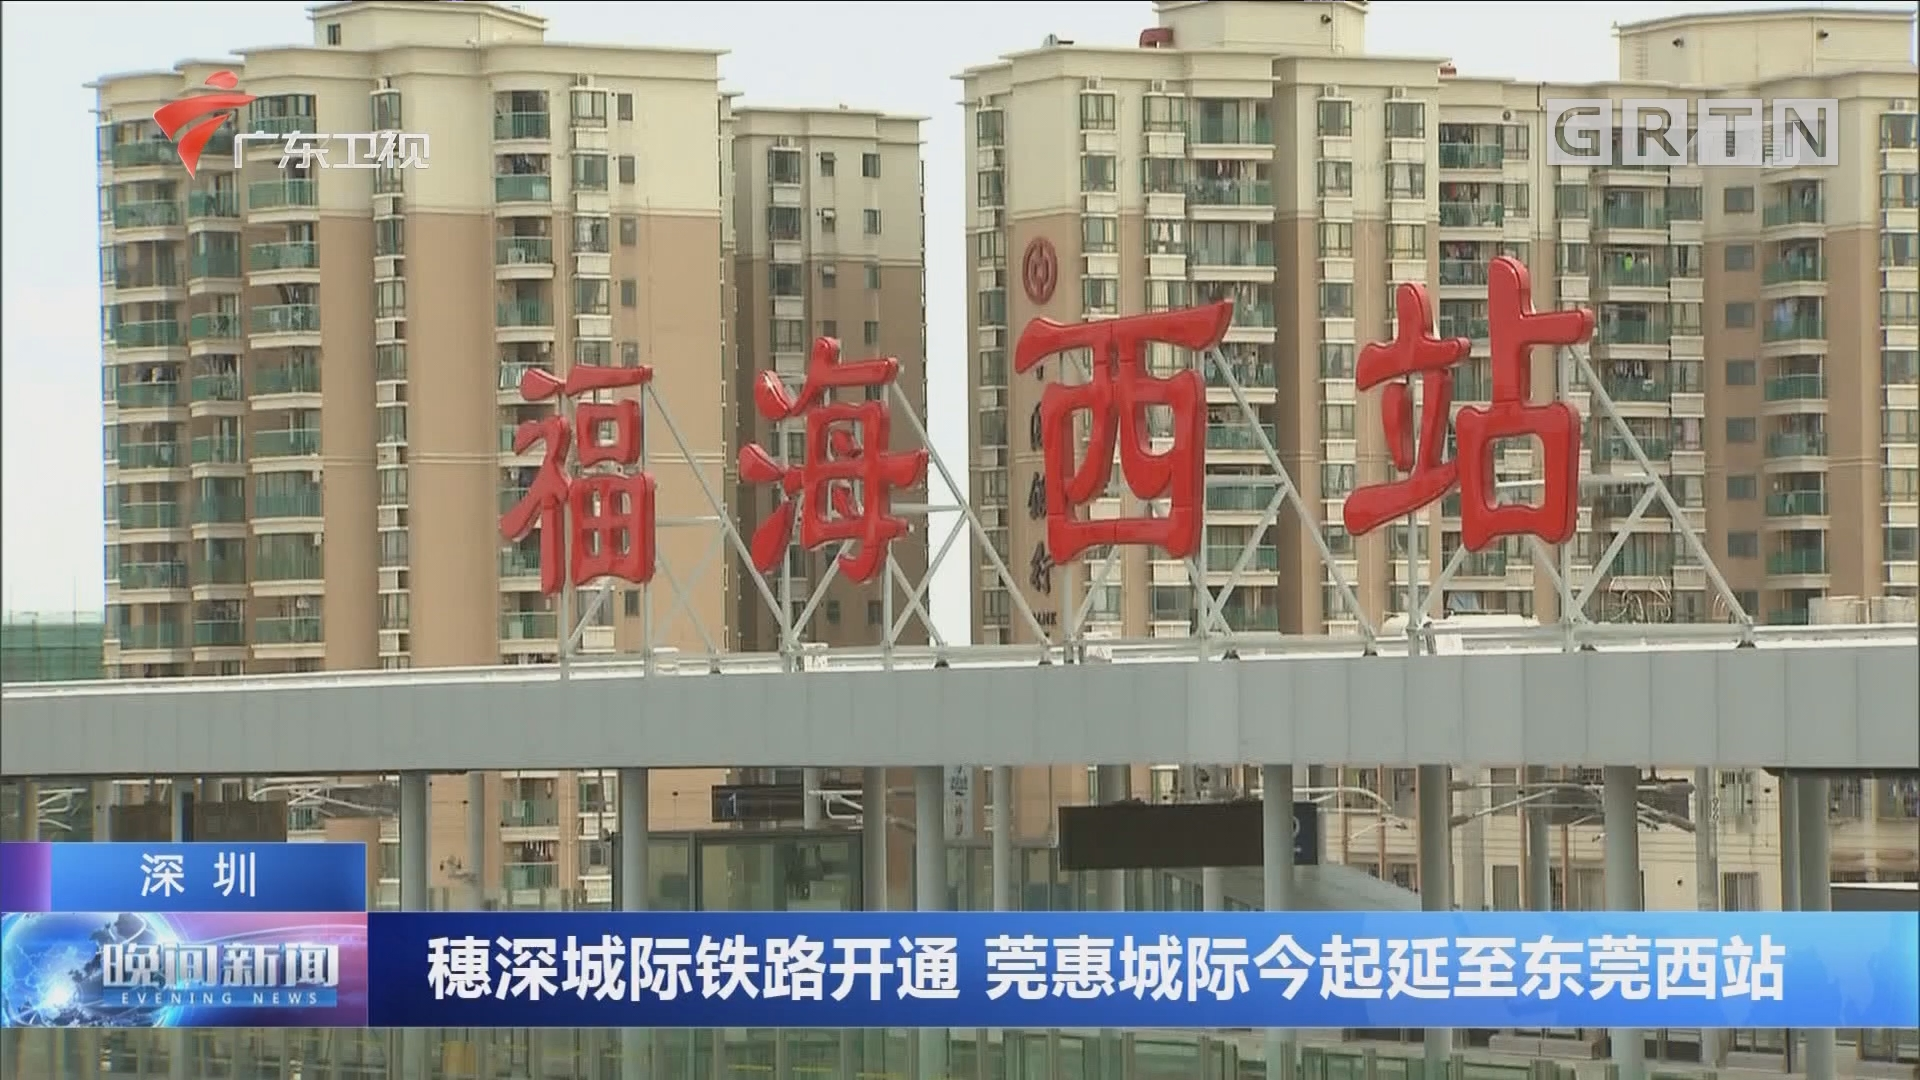 深圳:穗深城际铁路开通 莞惠城际今起延至东莞西站